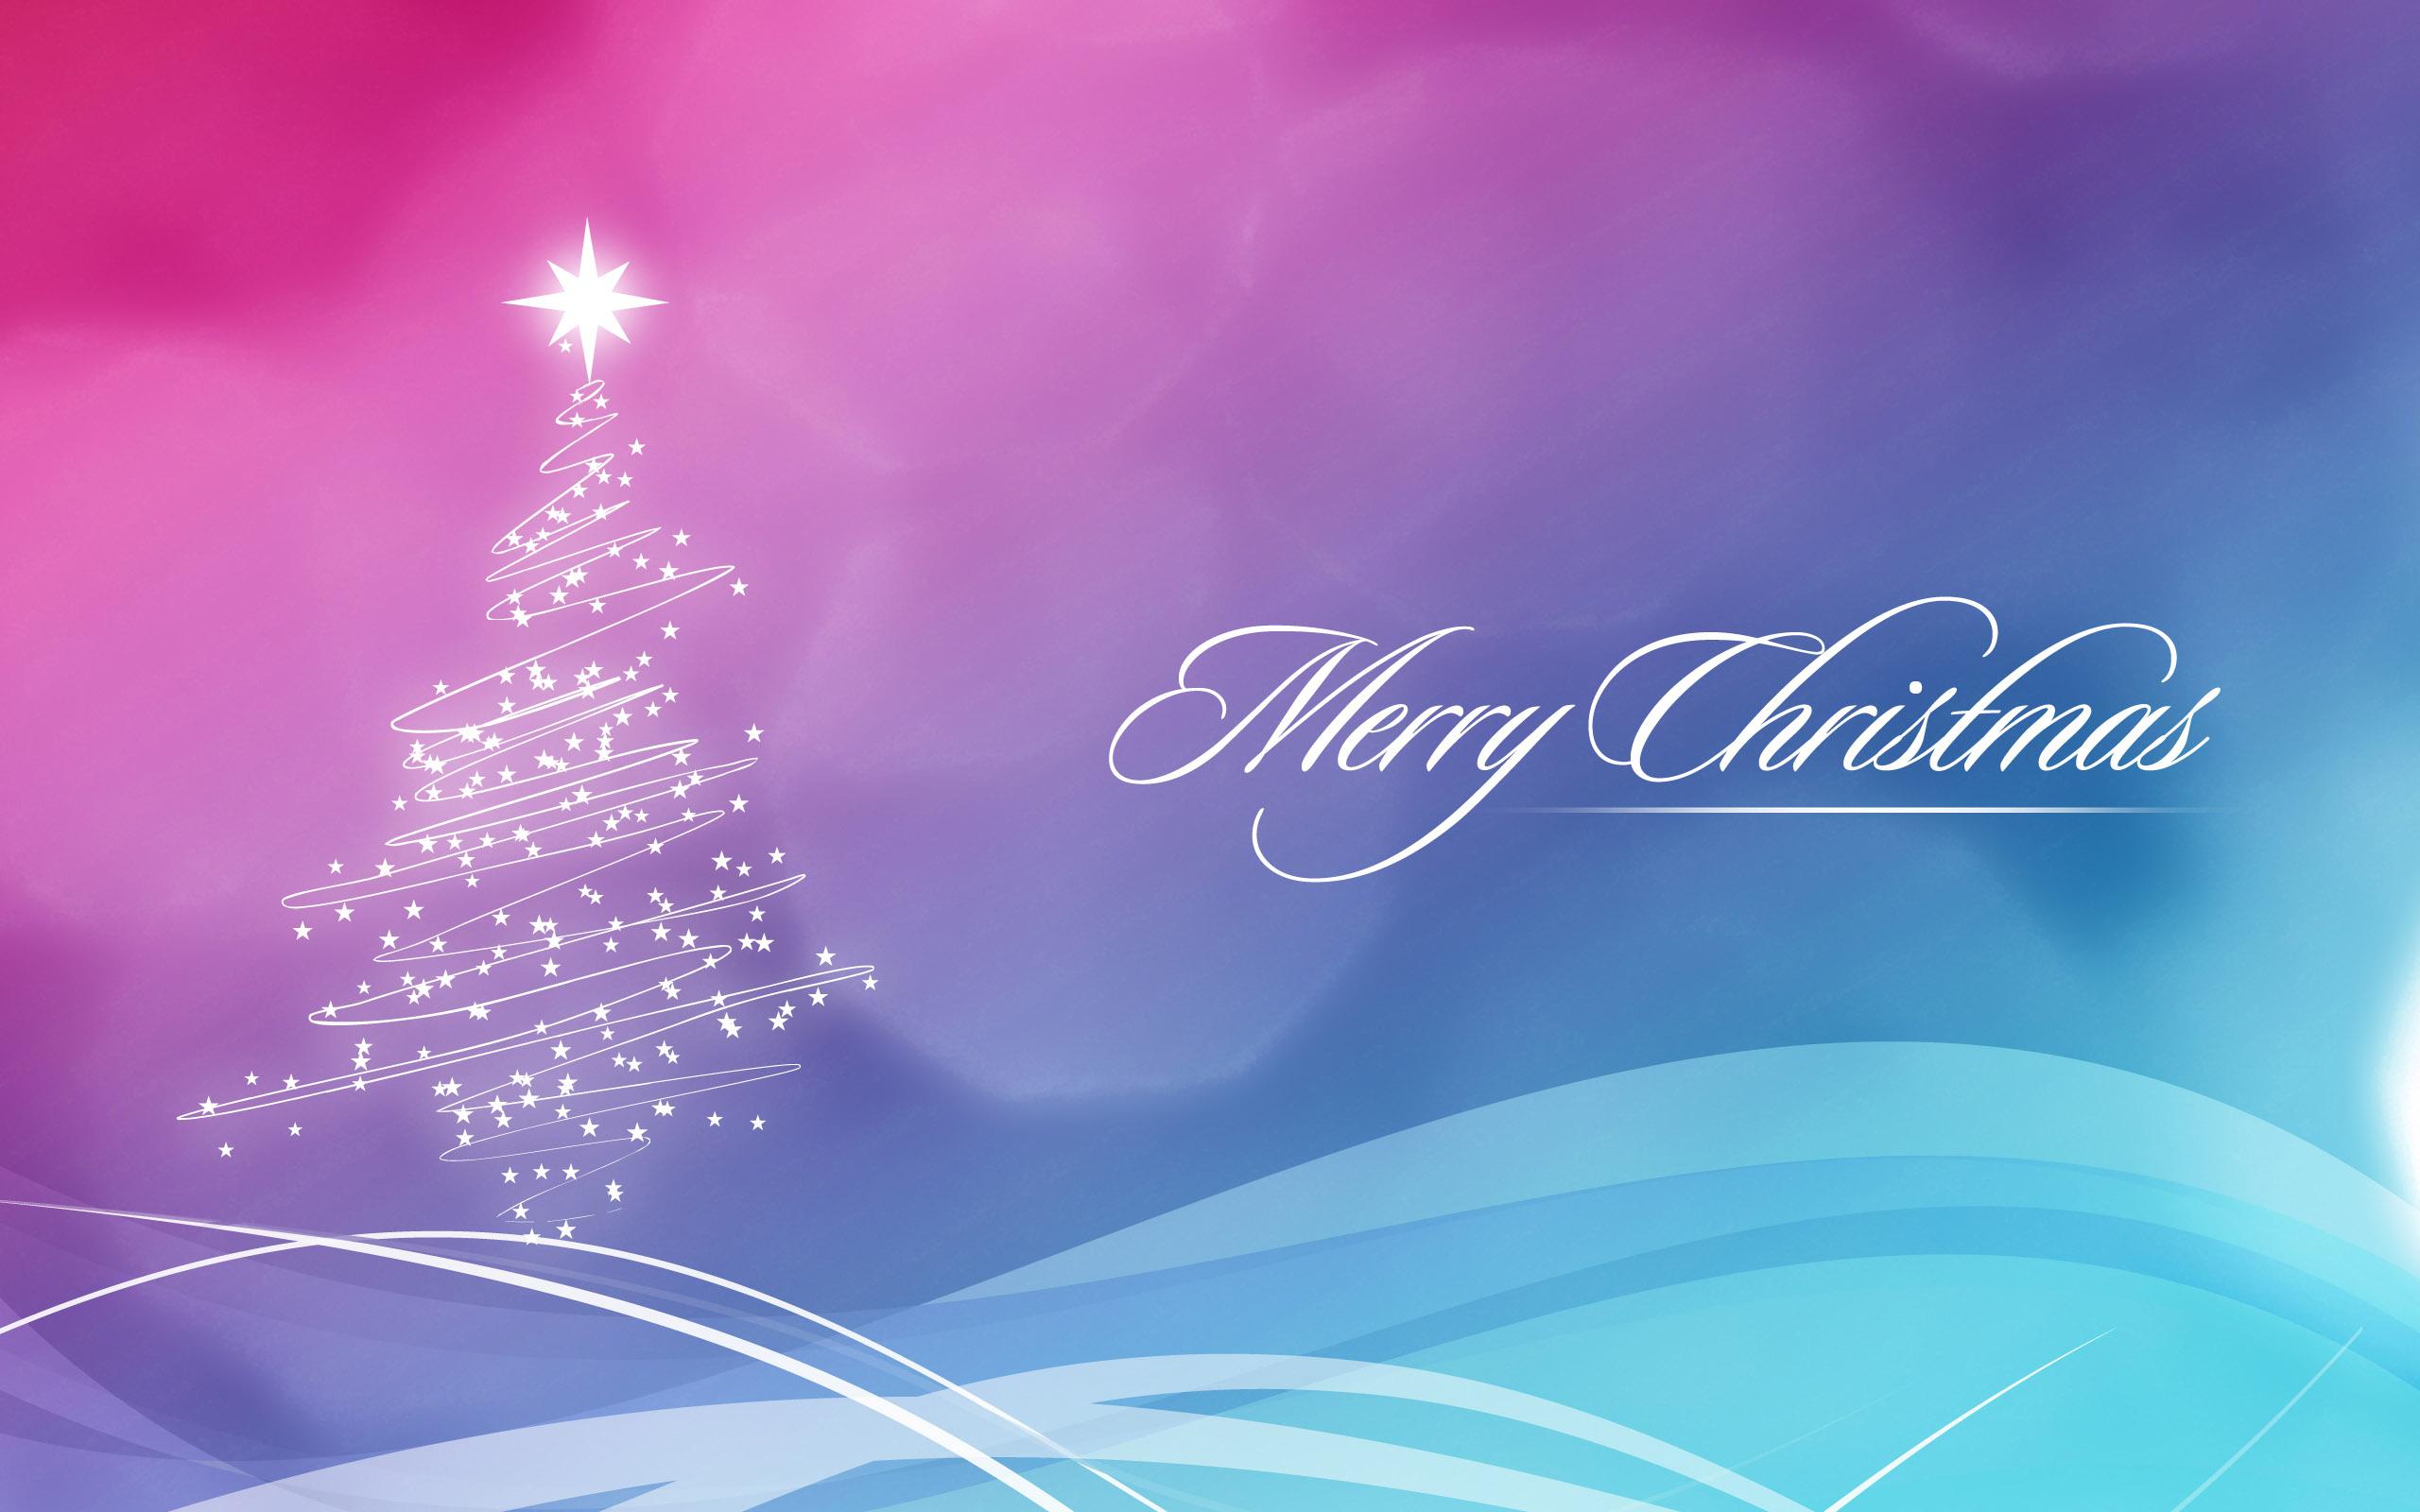 Merry christmas Wallpaper HD Desktop Background 2560x1600